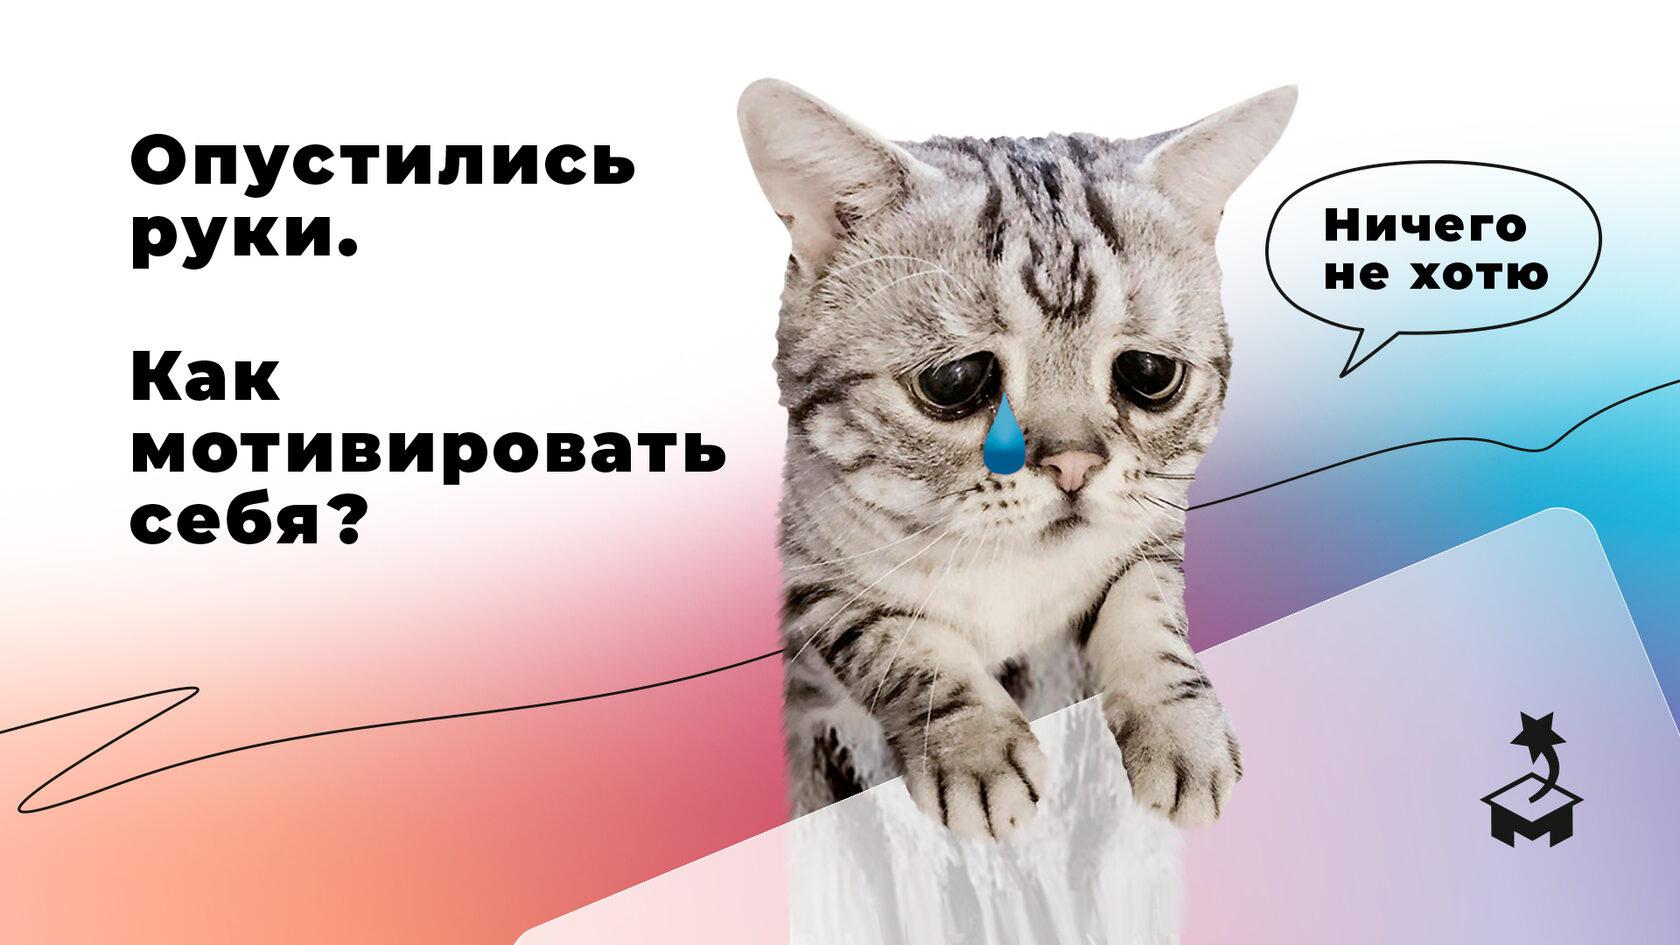 Грустный кот, который потерял мотивацию